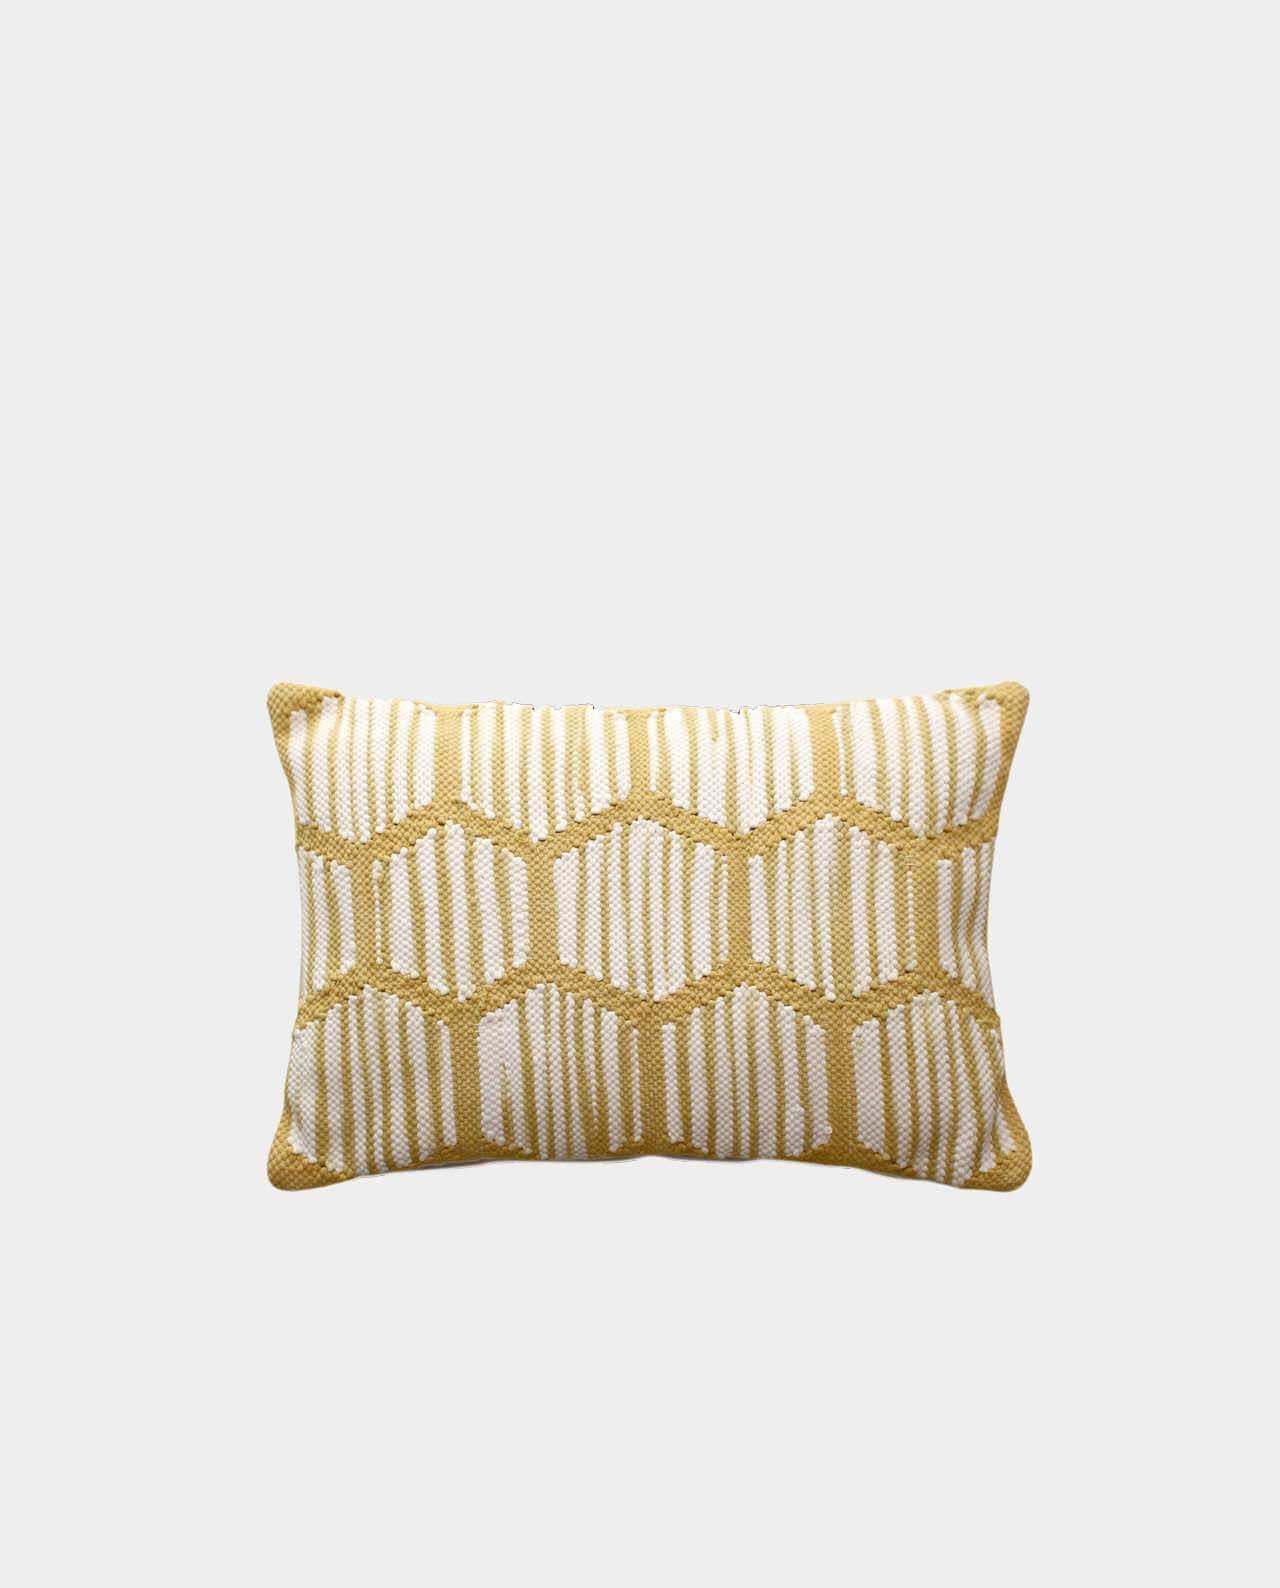 dekokissen hiyan jetzt online kaufen. Black Bedroom Furniture Sets. Home Design Ideas